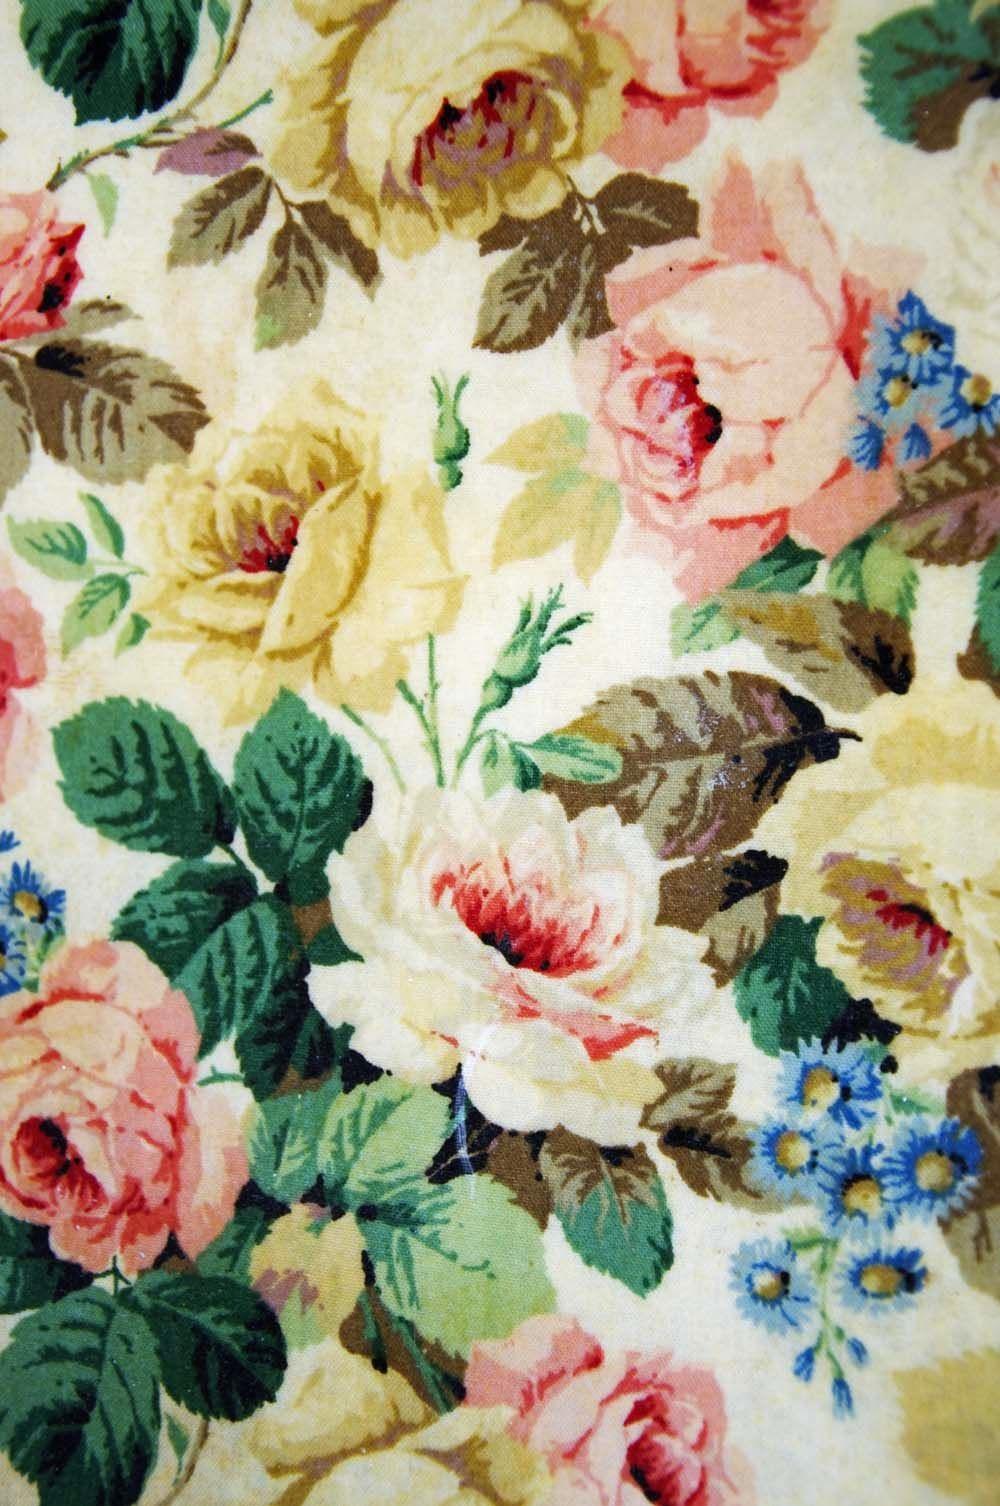 Vintage Floral - VINTAGE FLORAL WALLPAPER